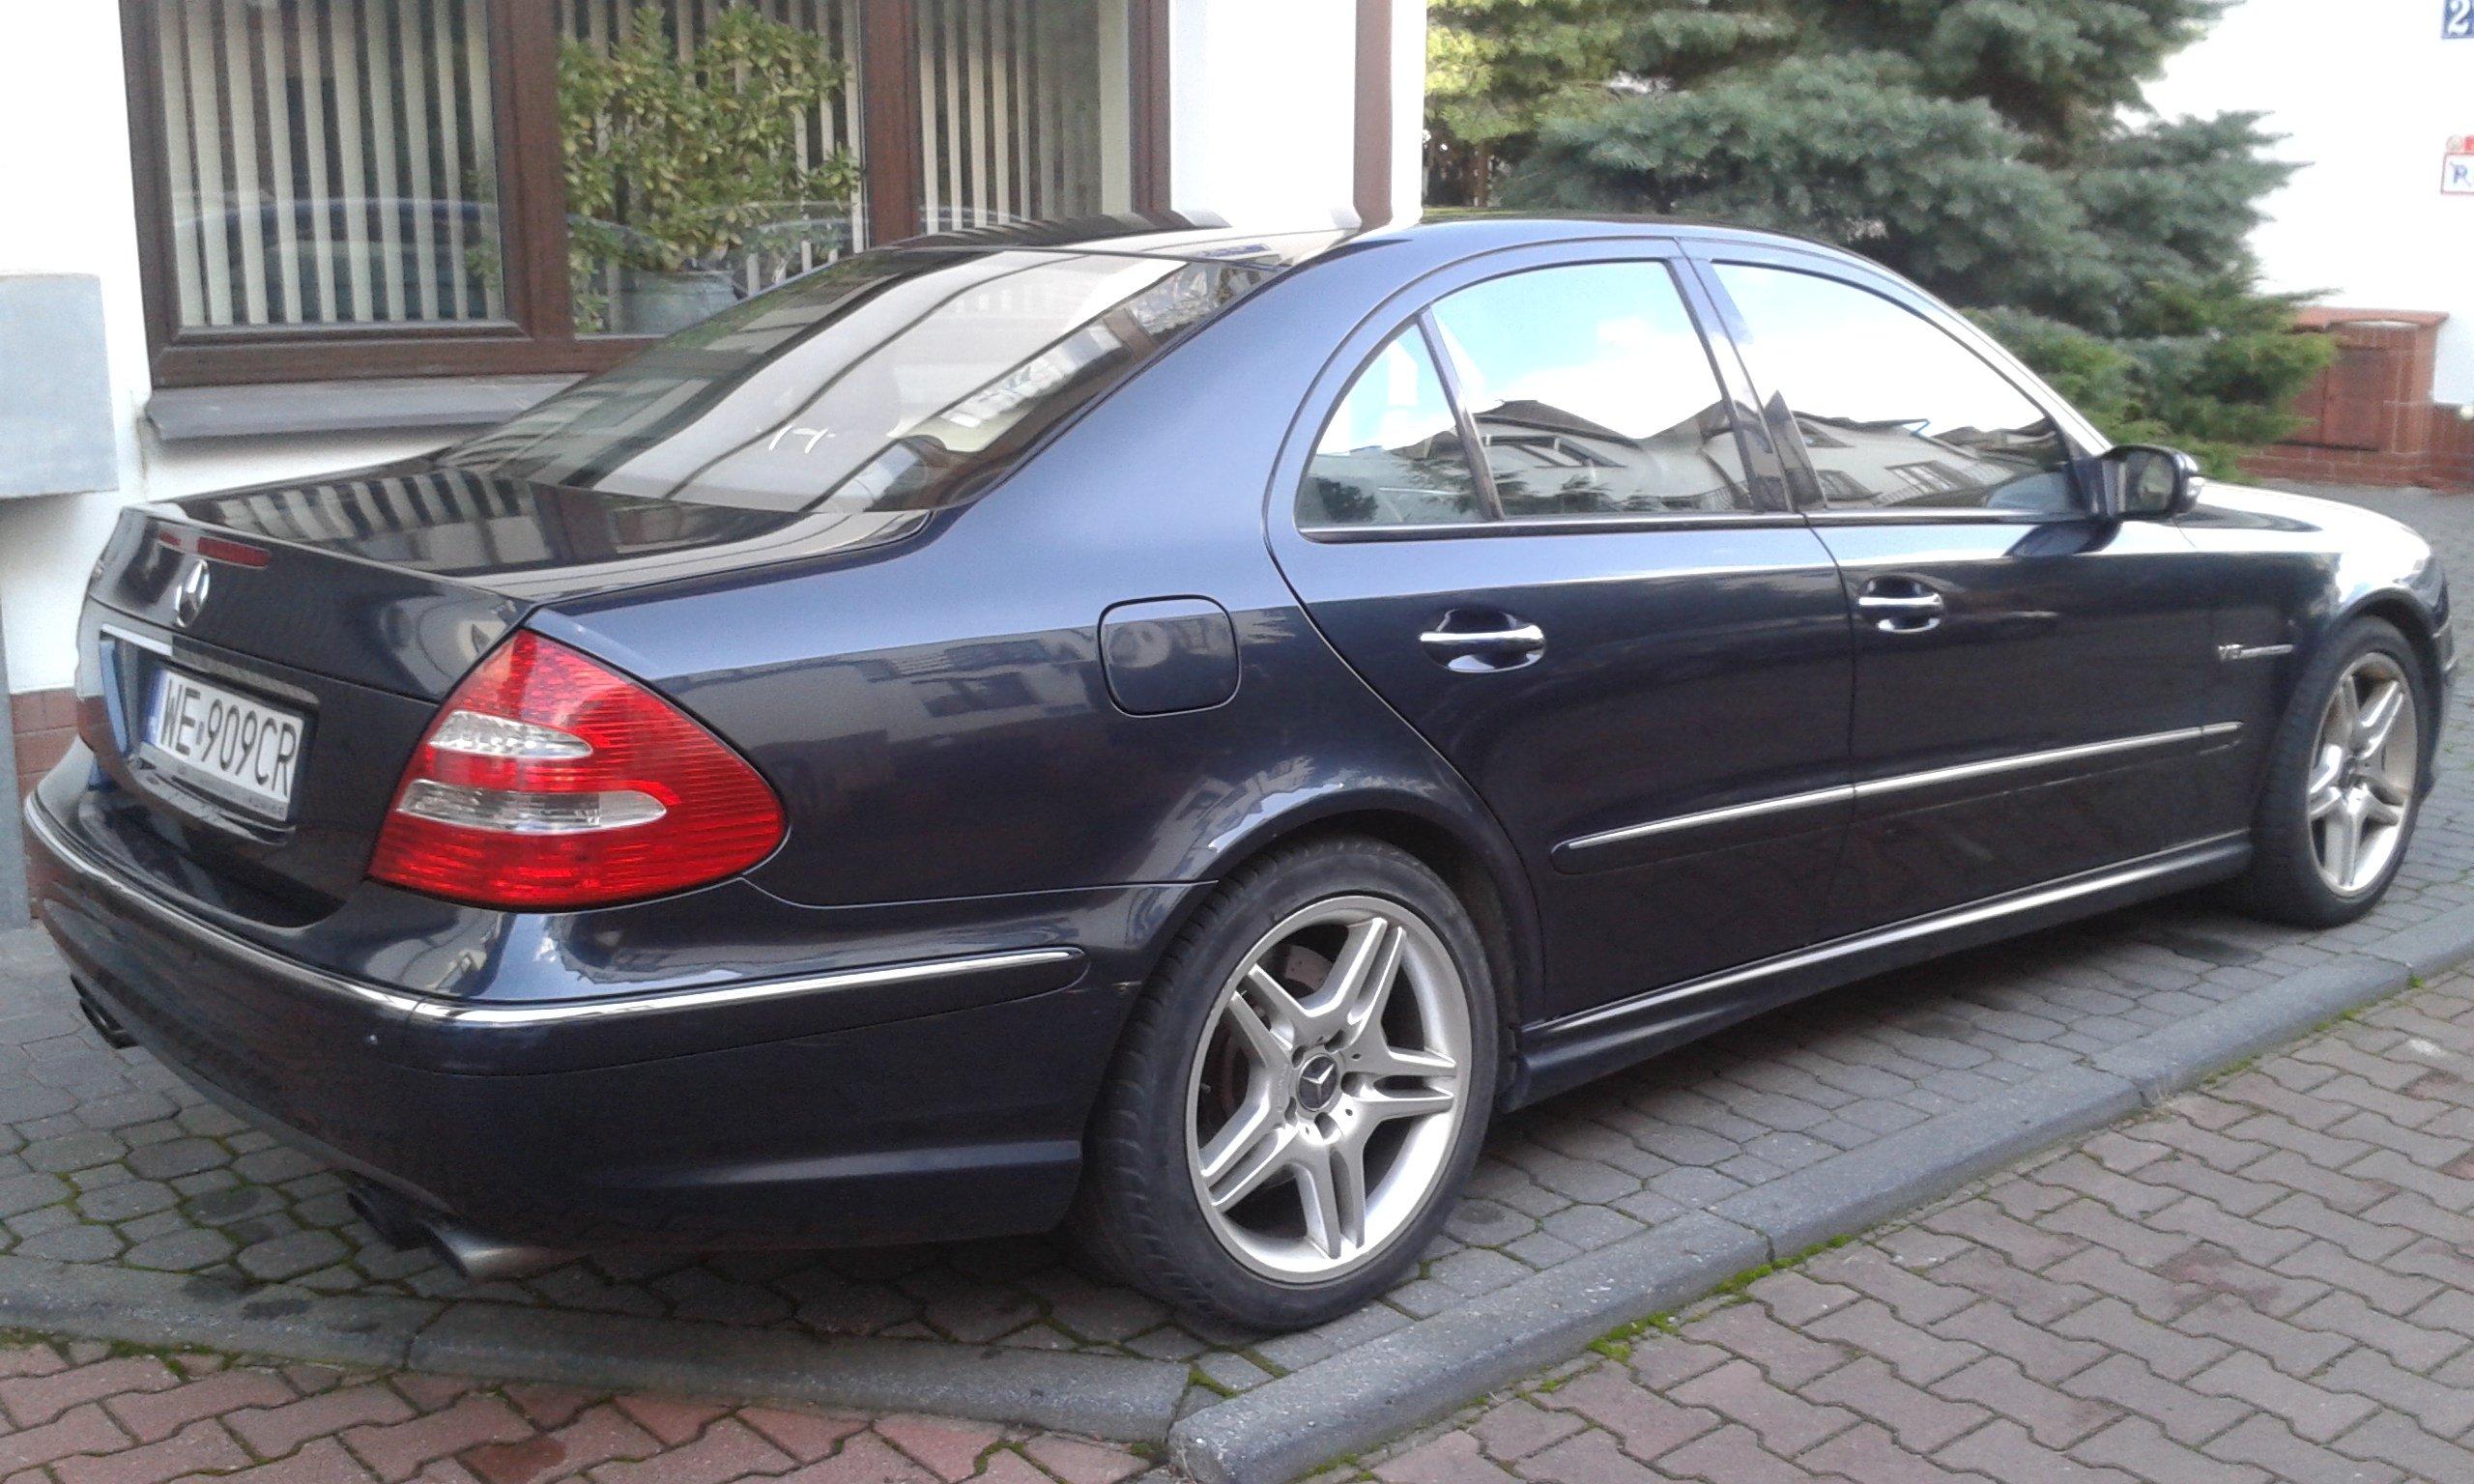 Mercedes Benz E55 AMG Salon PL bezwypadkowy oficjalne